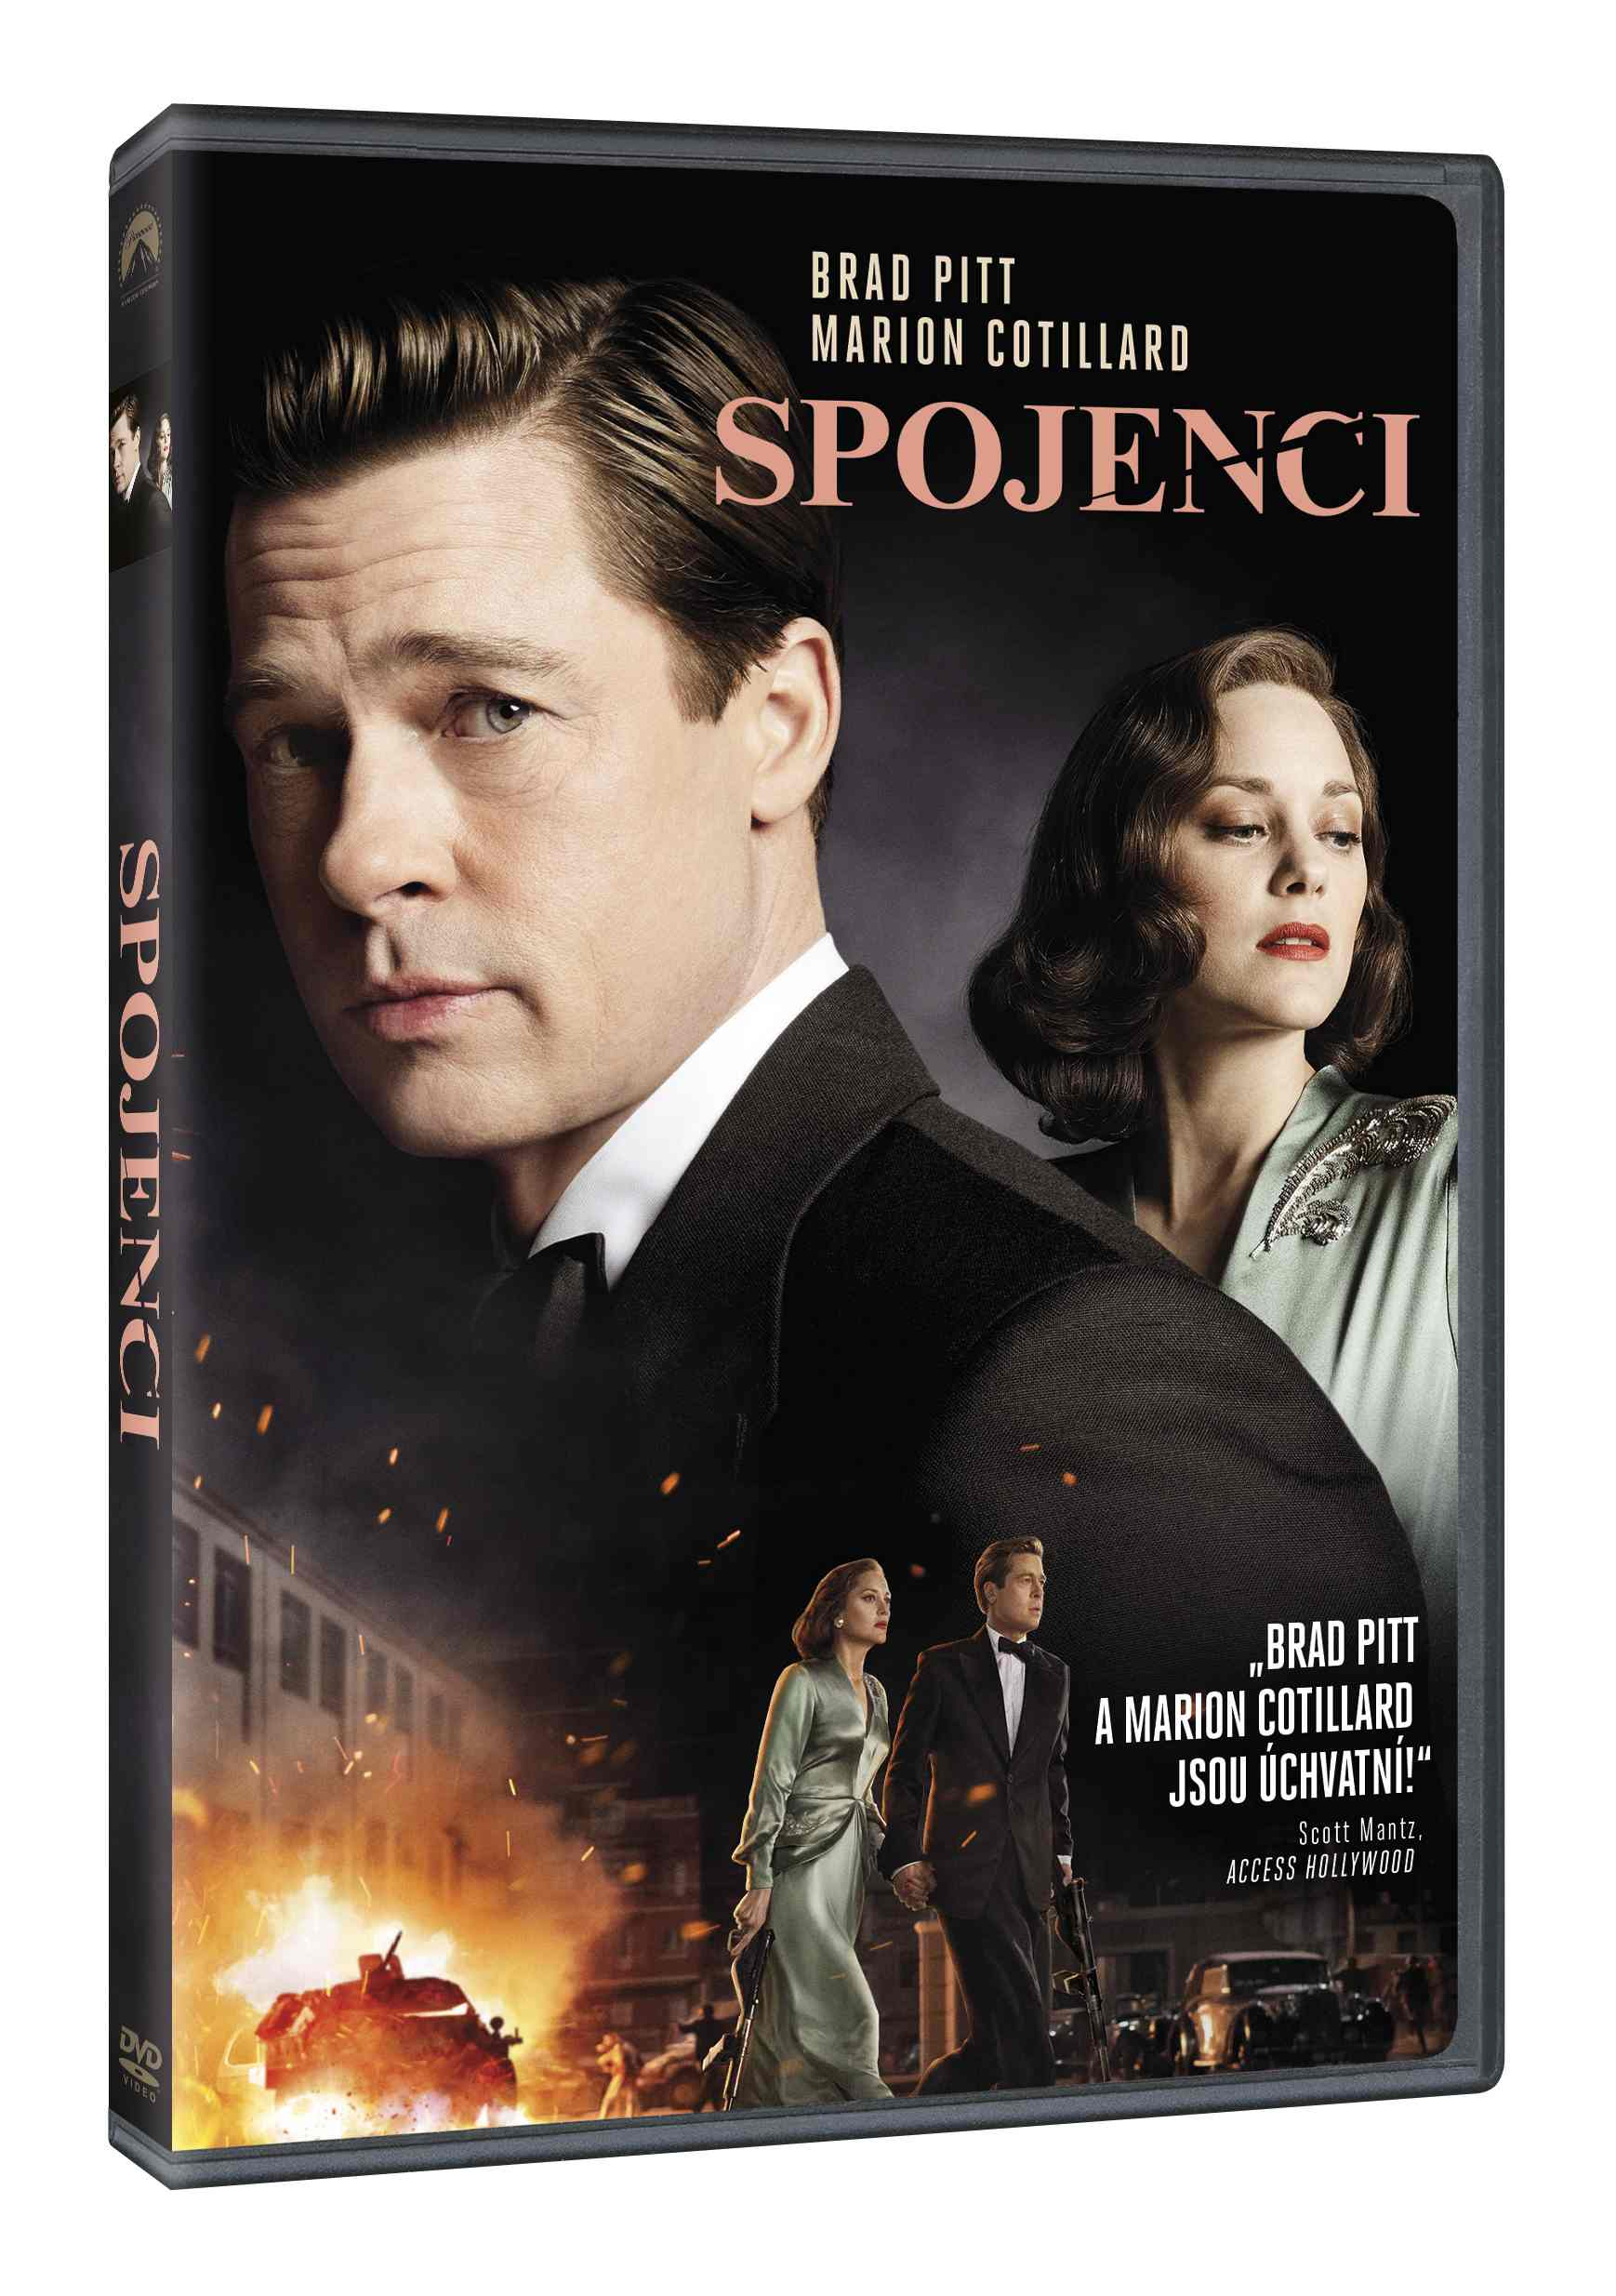 SPOJENCI - DVD